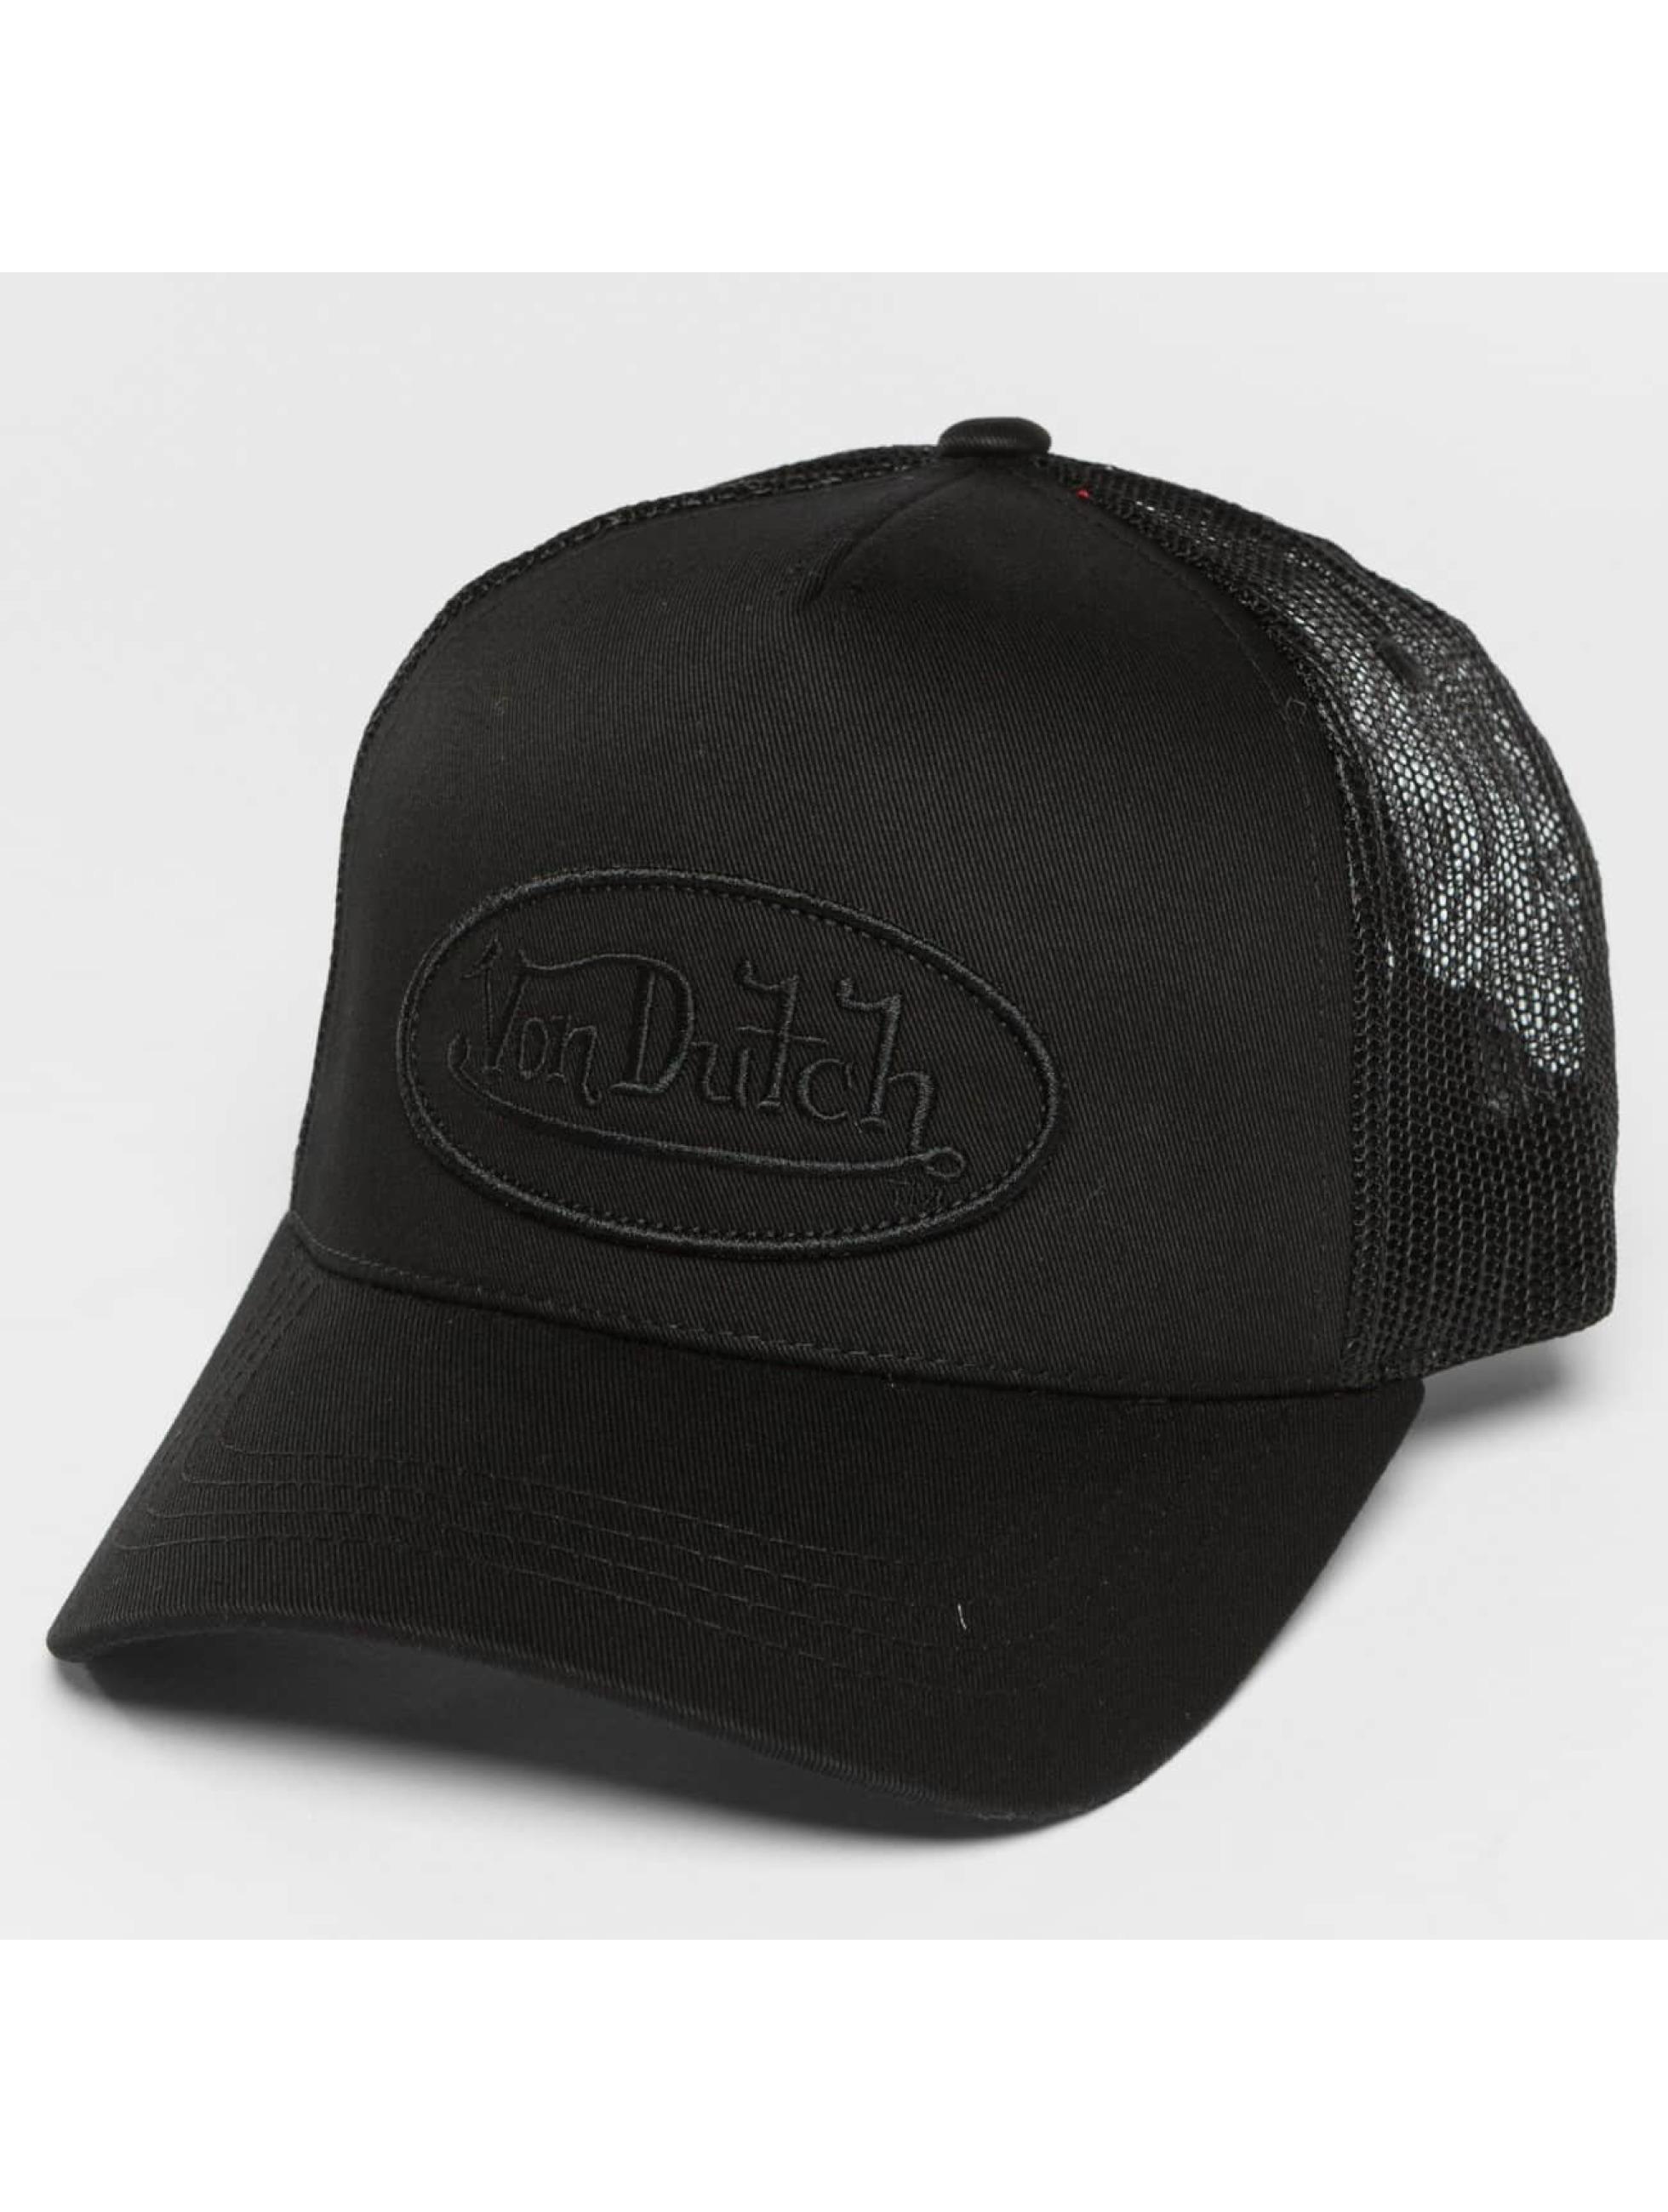 Von Dutch Gorra Trucker Classic negro